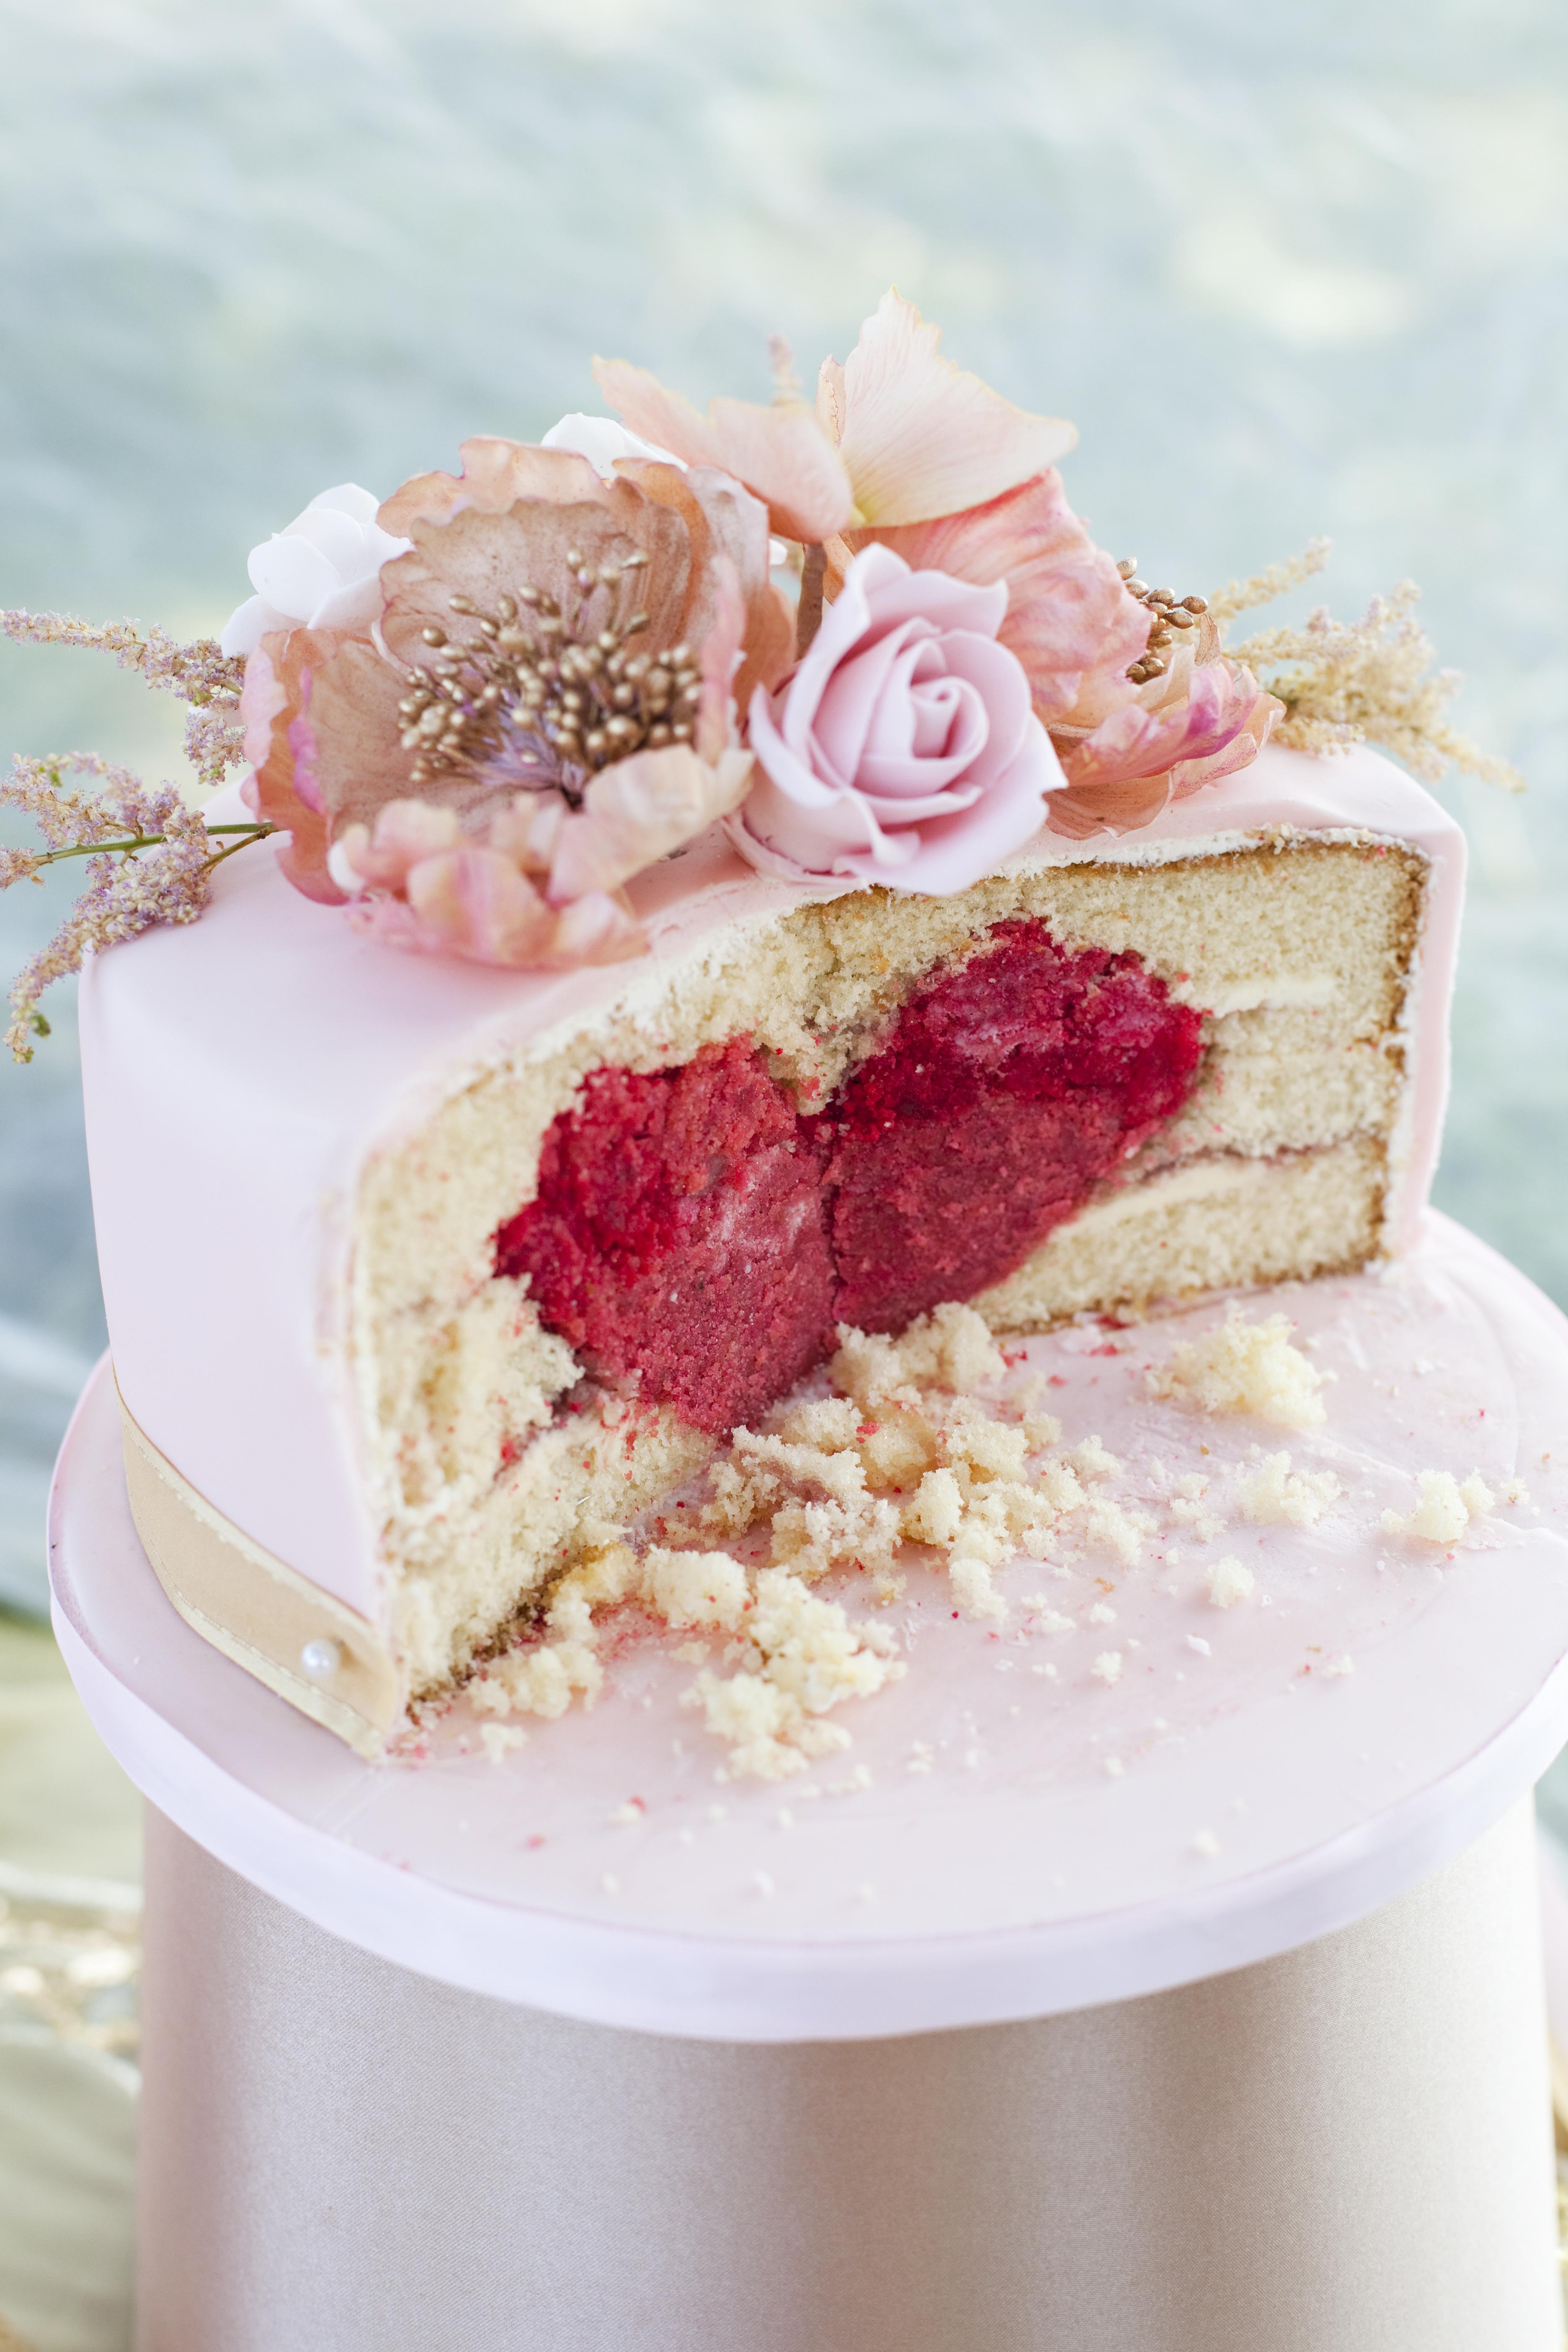 valentines-day-hidden-centre-cake-elizabeths-cake-emporium